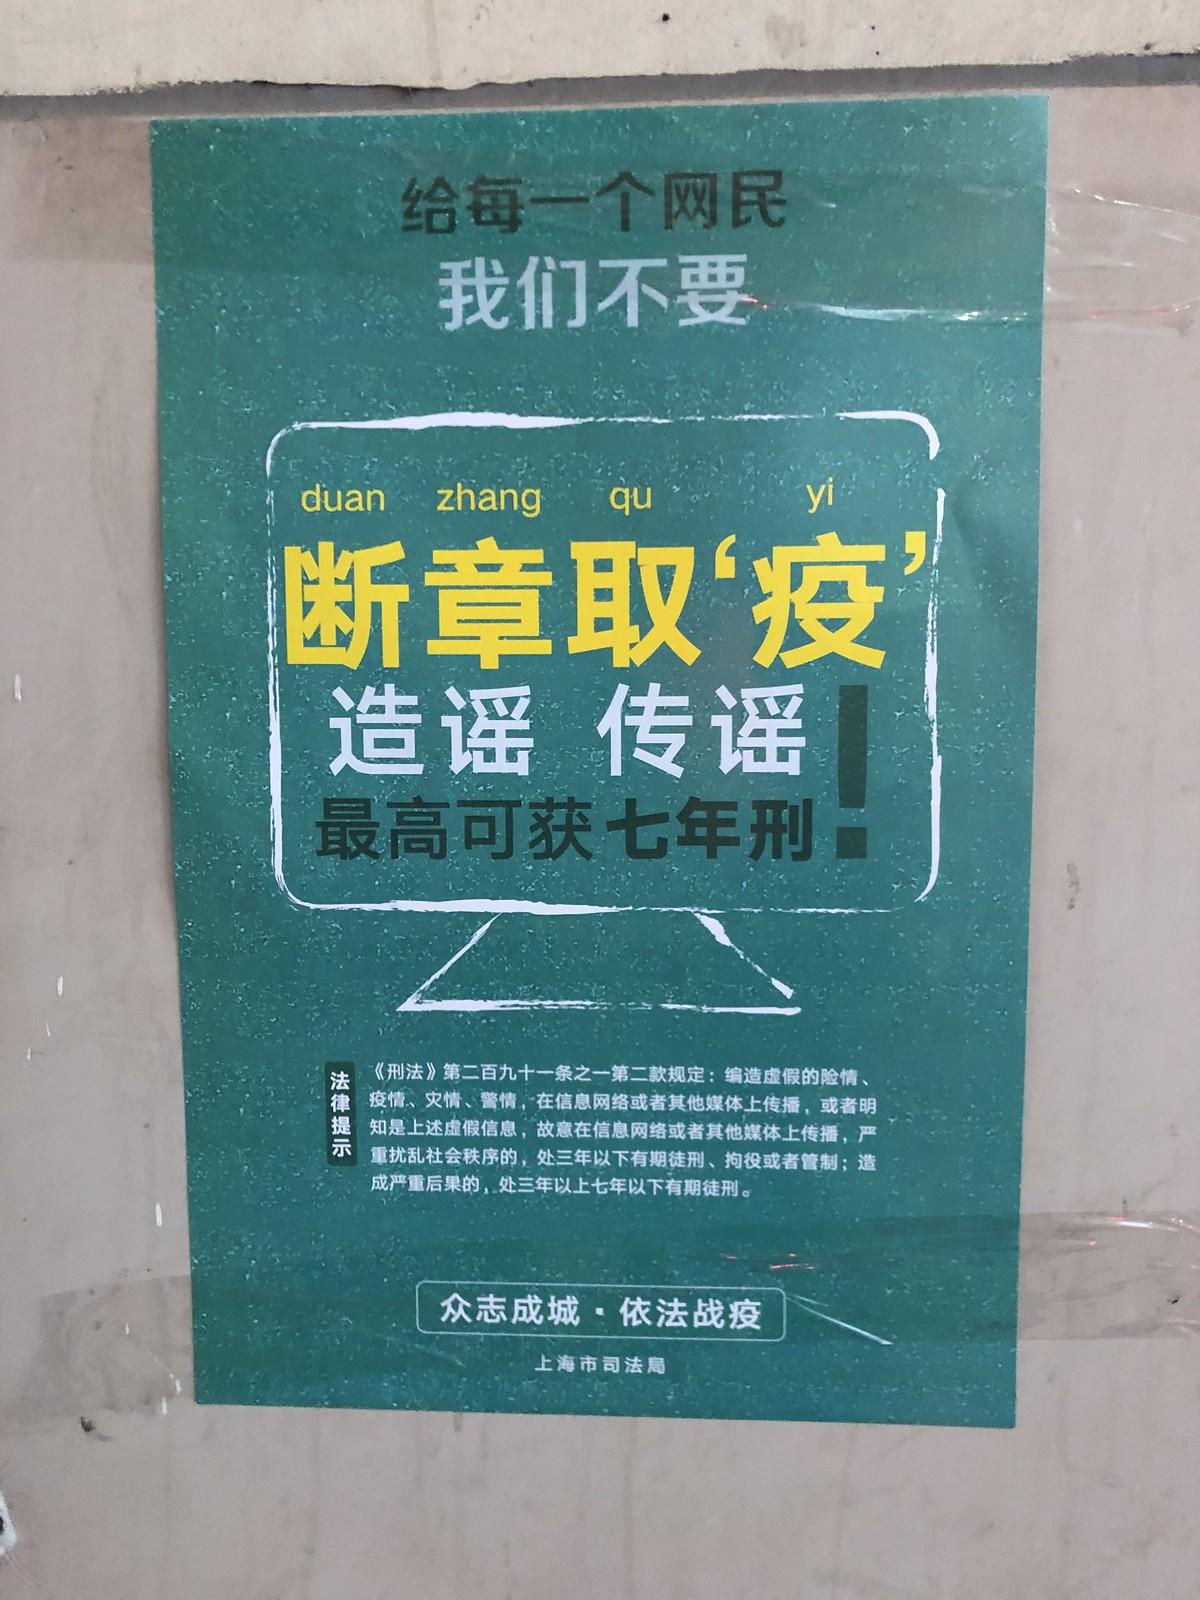 duan-zhang-qu-yi